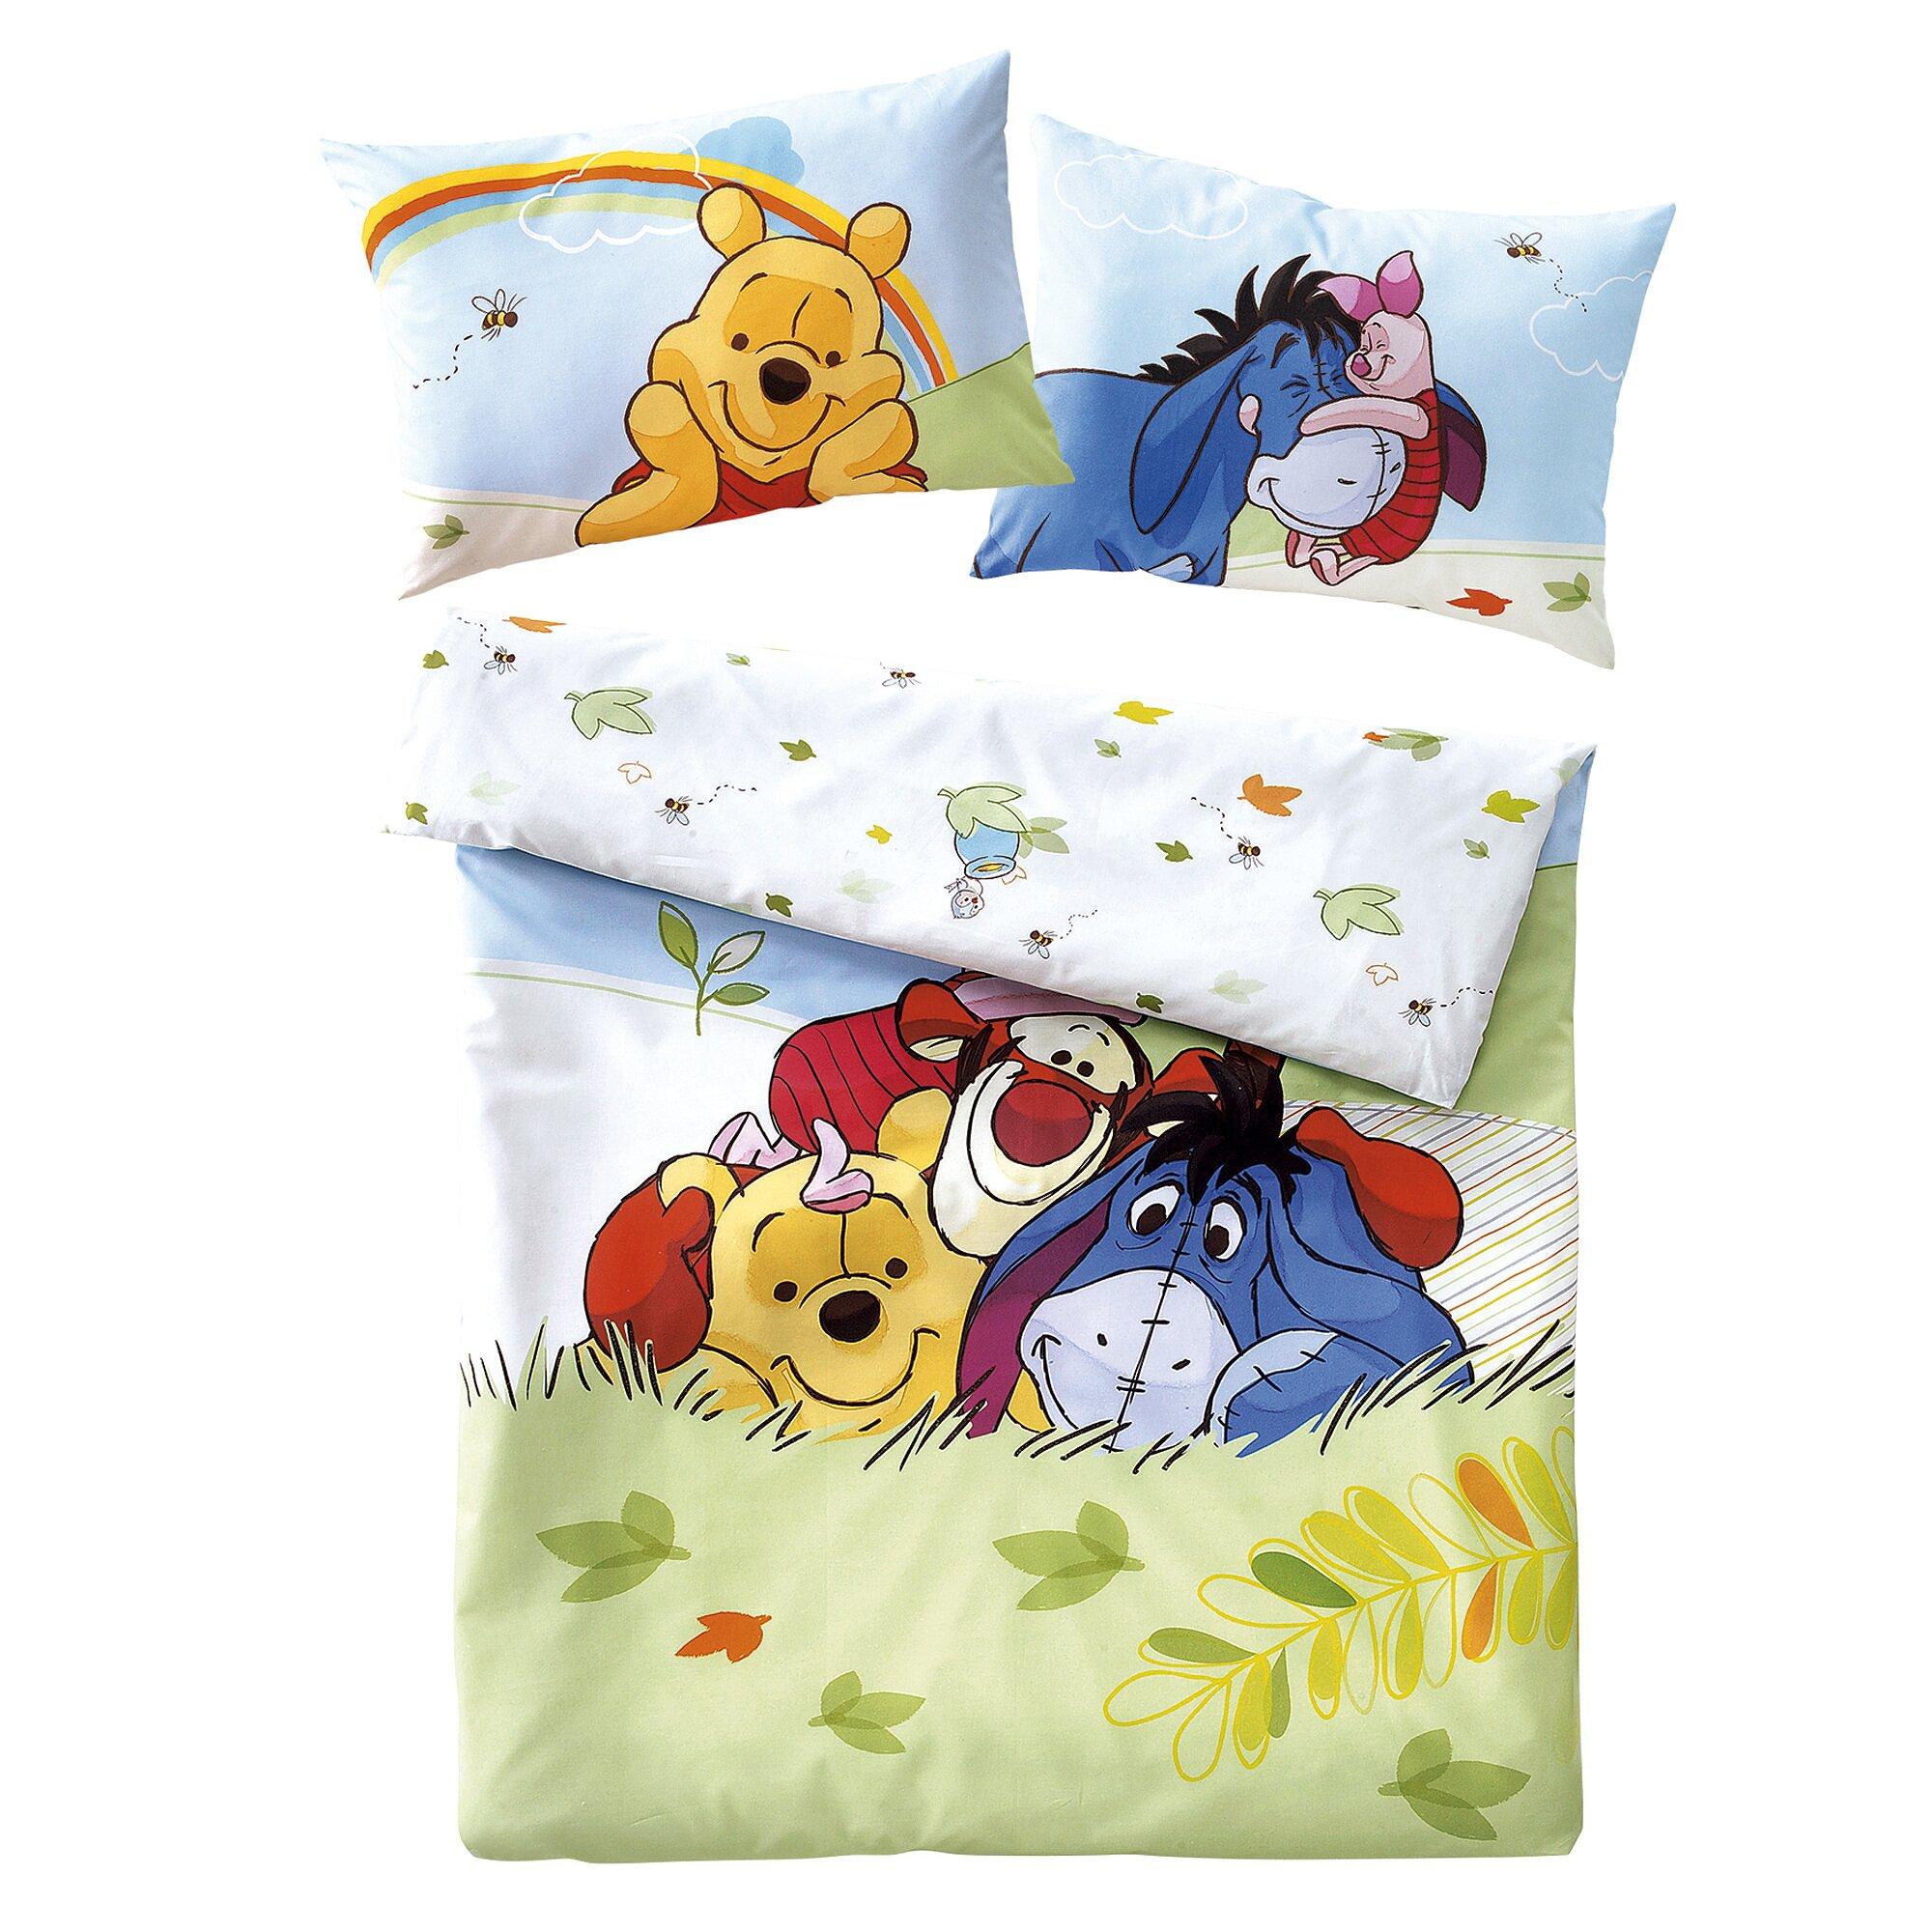 Linge de lit chambre enfants page n 14 for Chambre winnie l ourson